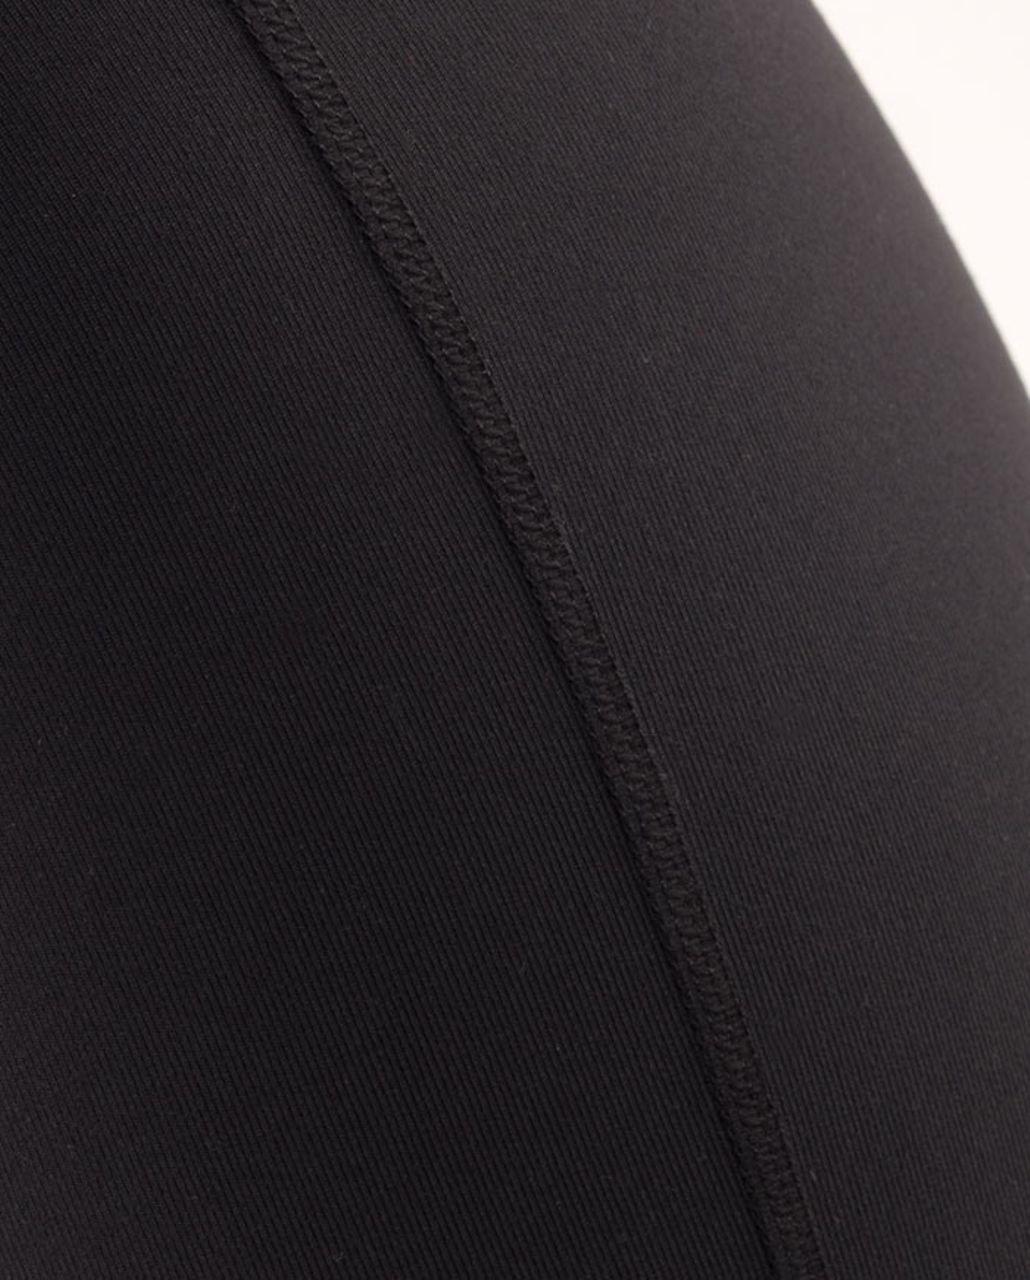 Lululemon Astro Pant (Regular) - Black /  Black Swan /  Black Swan Herringbone